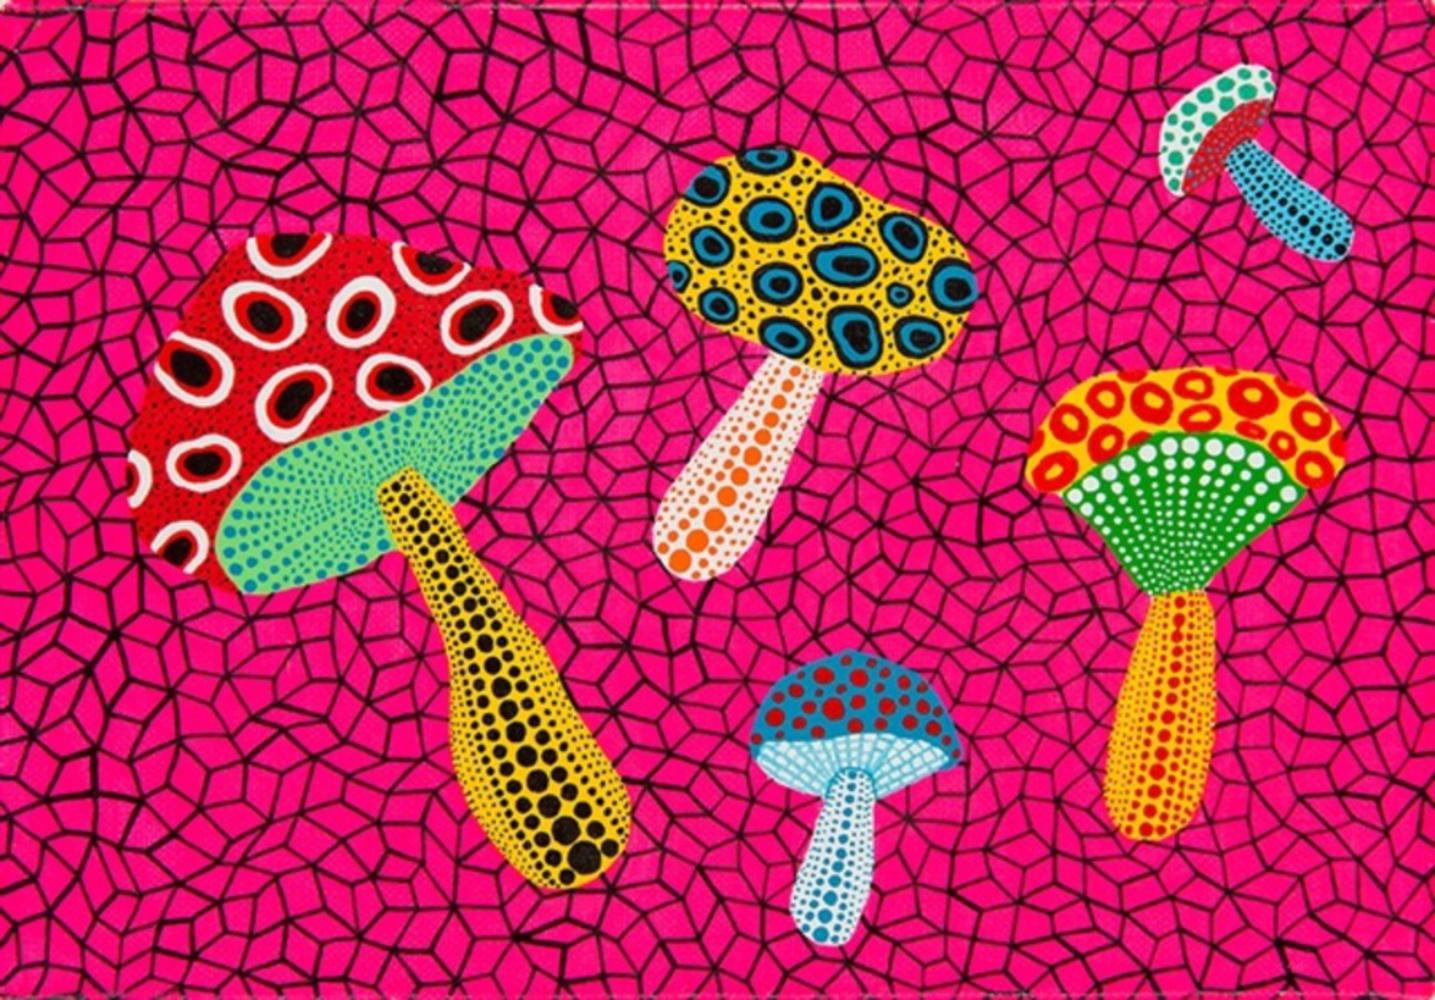 Mushrooms 1995.thumb